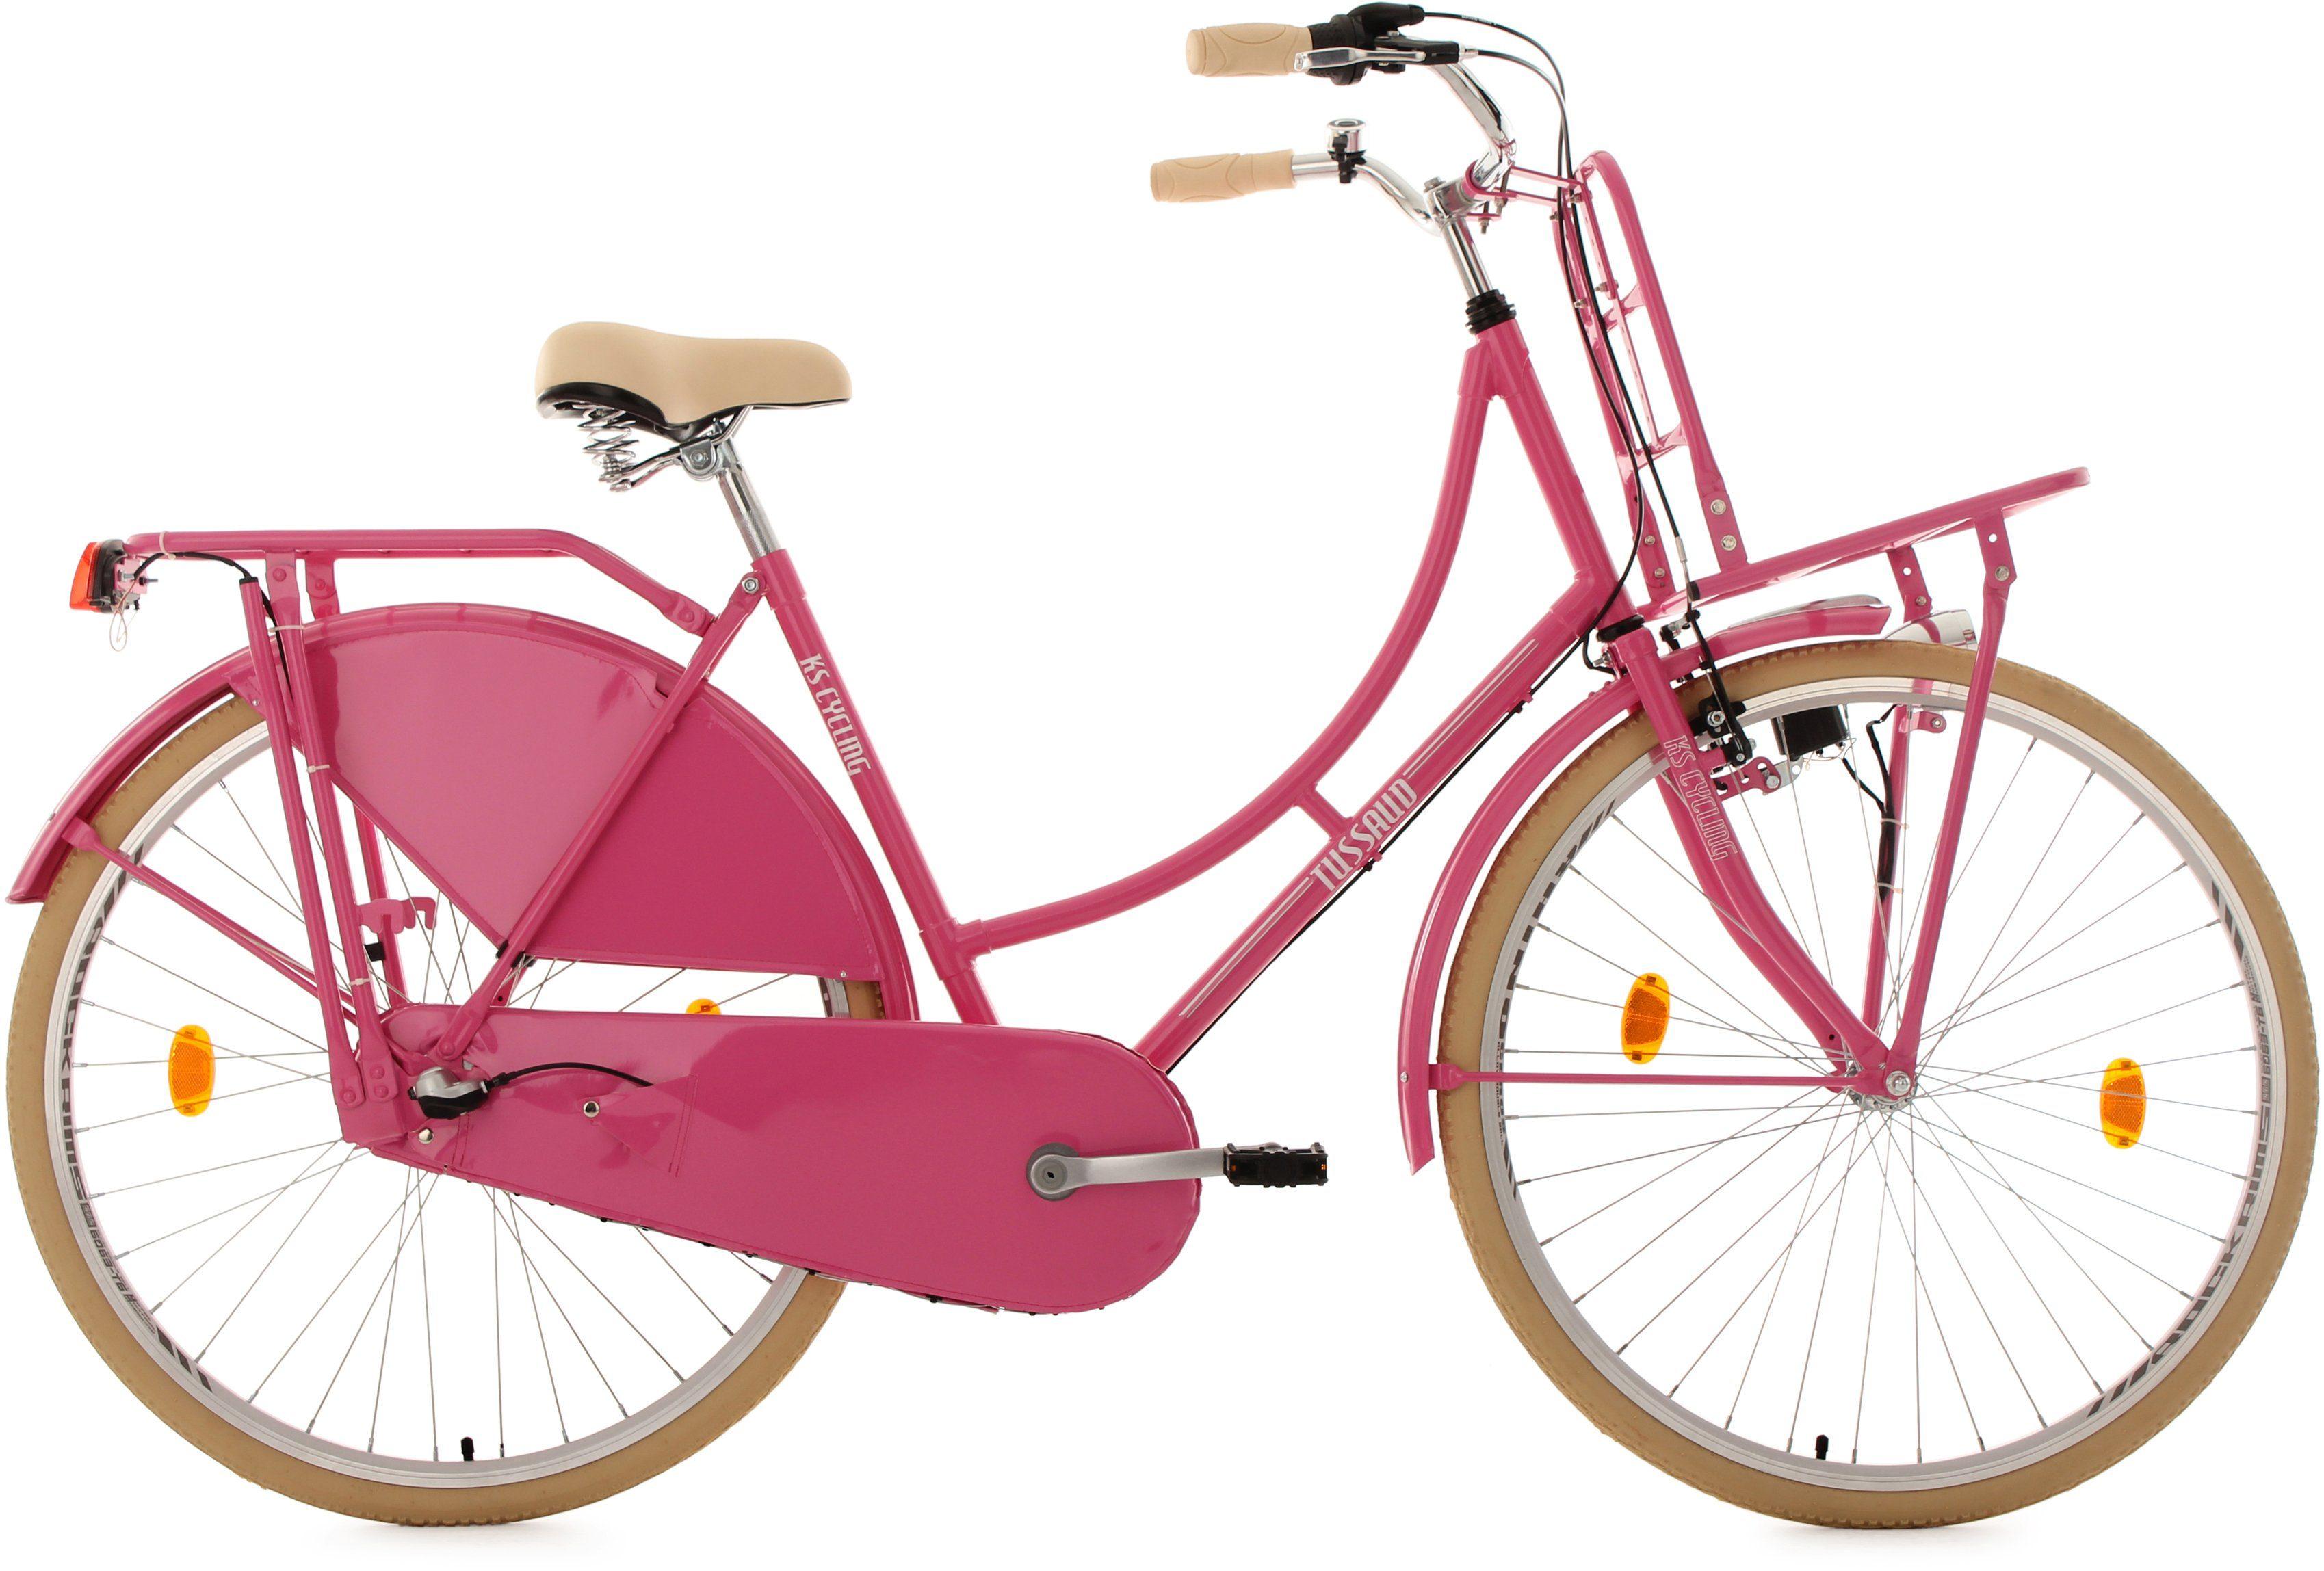 KS Cycling Hollandrad mit Lastenträger, 28 Zoll, pink, 3-Gang-Shimano-Nexus-Schaltung, »Tussaud«